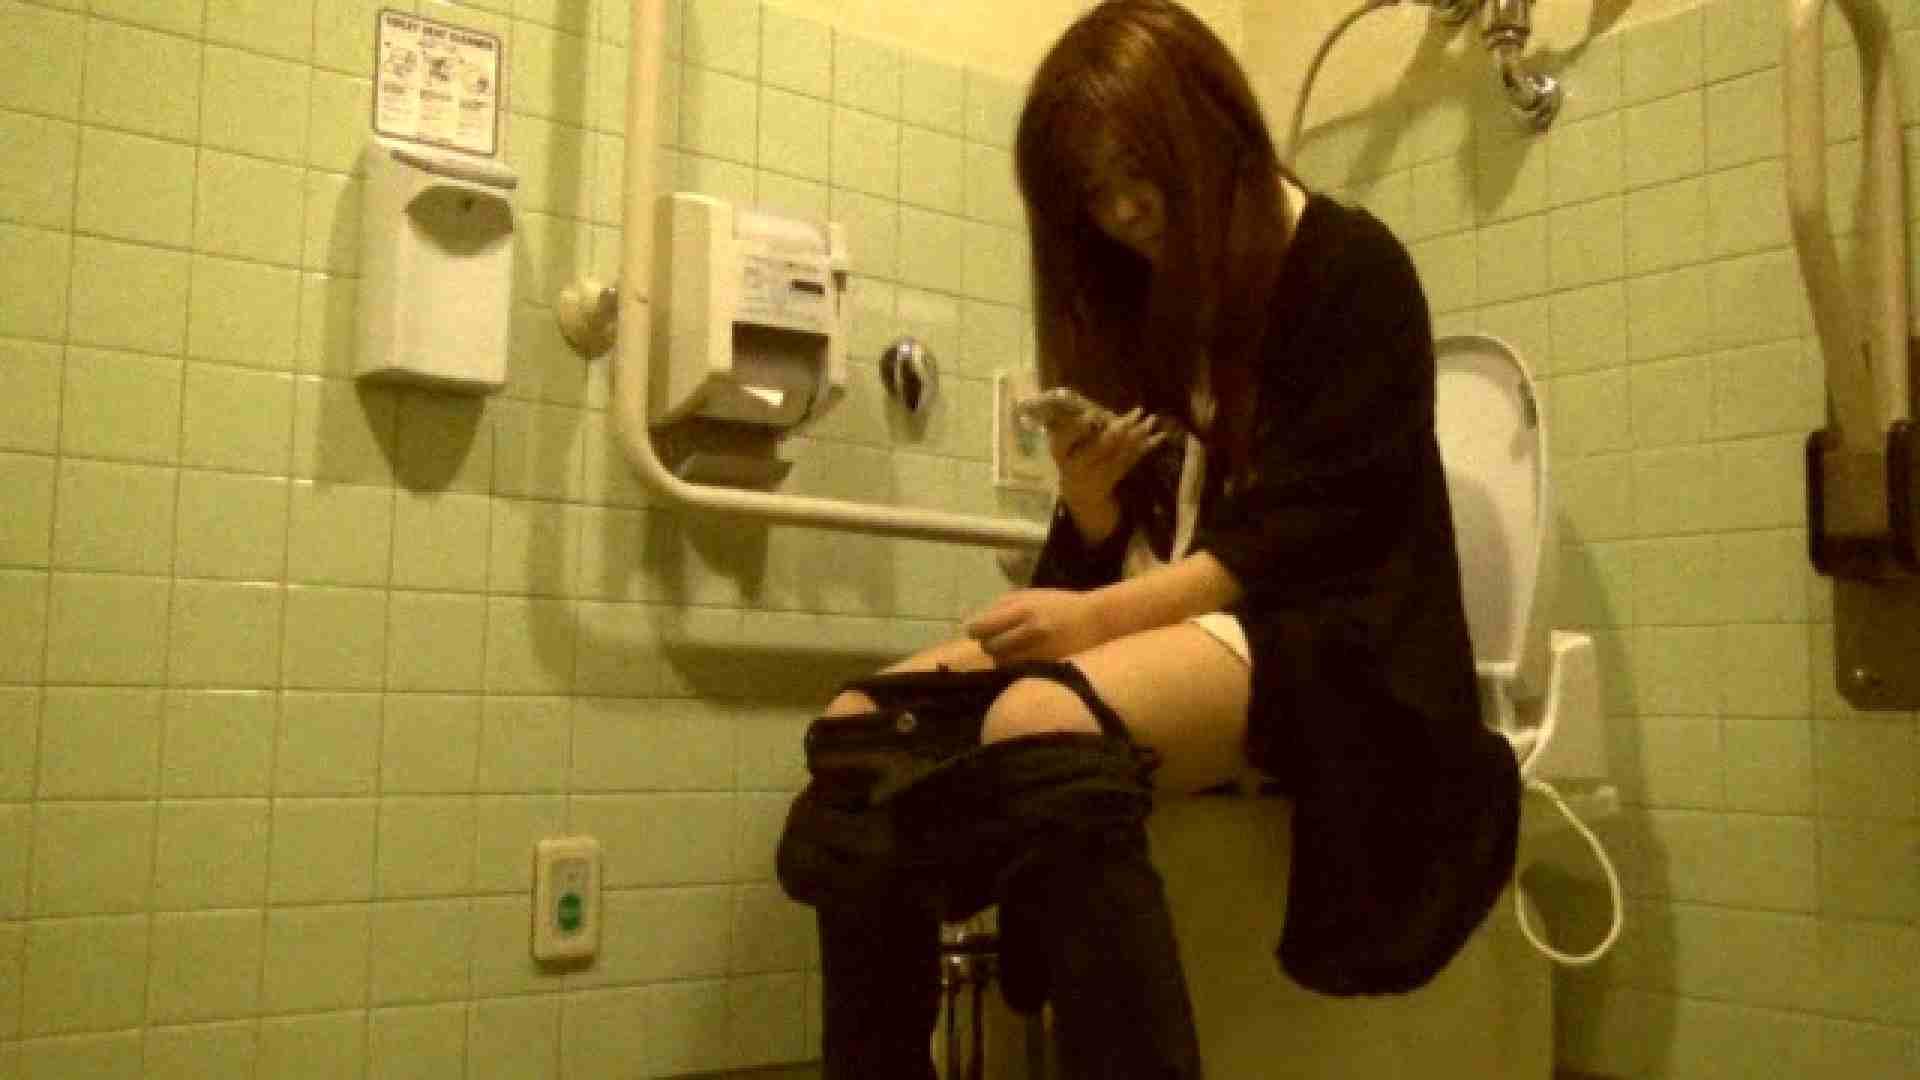 魔術師の お・も・て・な・し vol.26 19歳のバーの店員さんの洗面所をしばし… 美しいOLの裸体  73pic 57